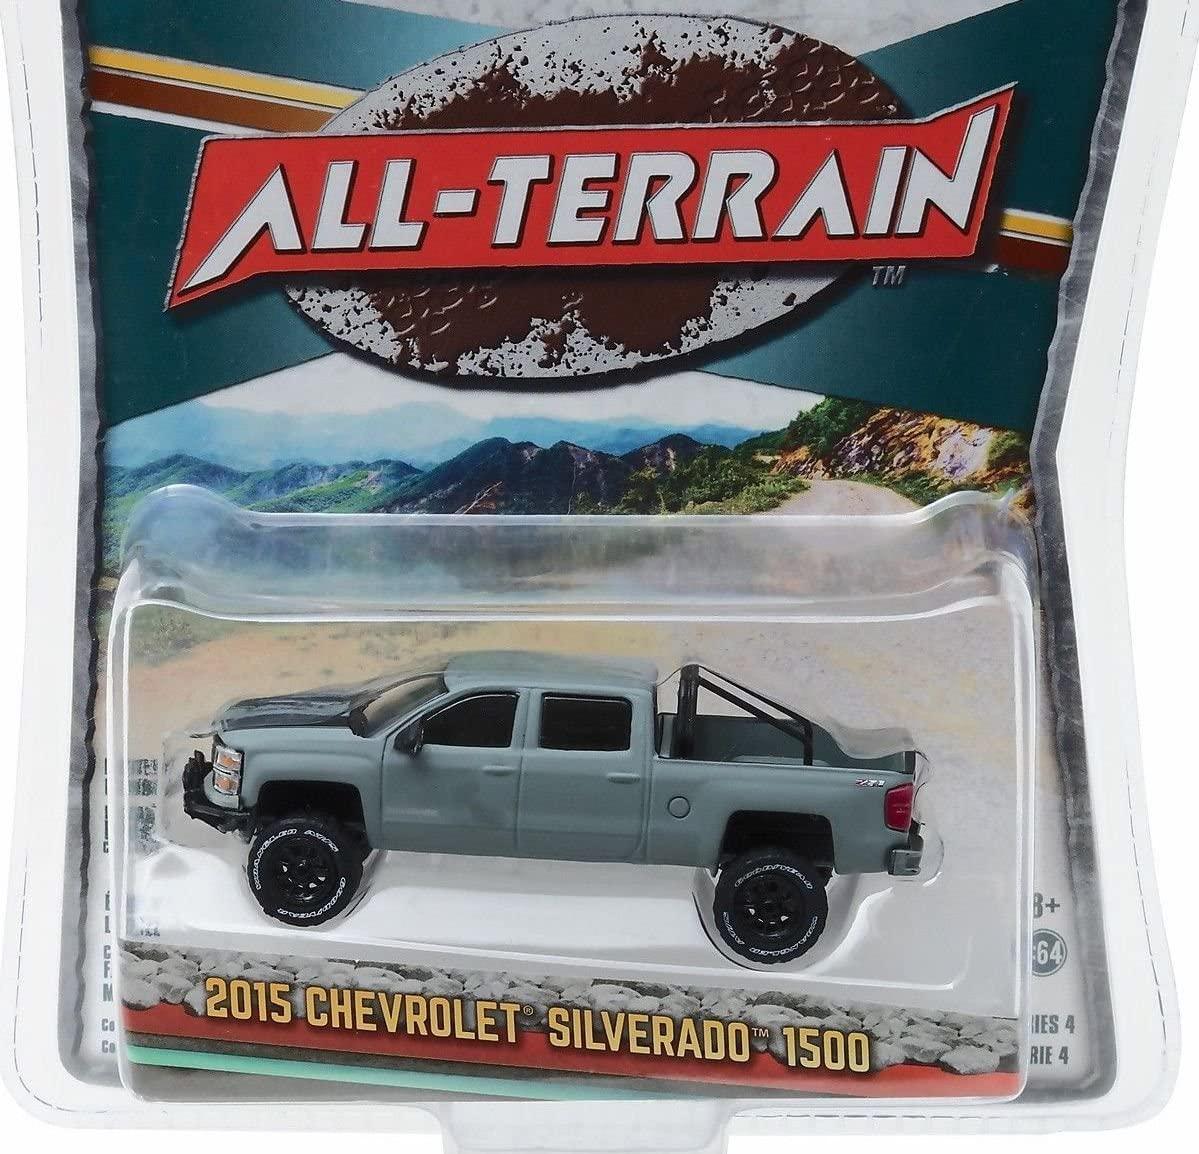 Greenlight New 1:64 All-Terrain Series 4 - Grey 2015 15 Chevrolet Silverado 1500 Diecast Model Car